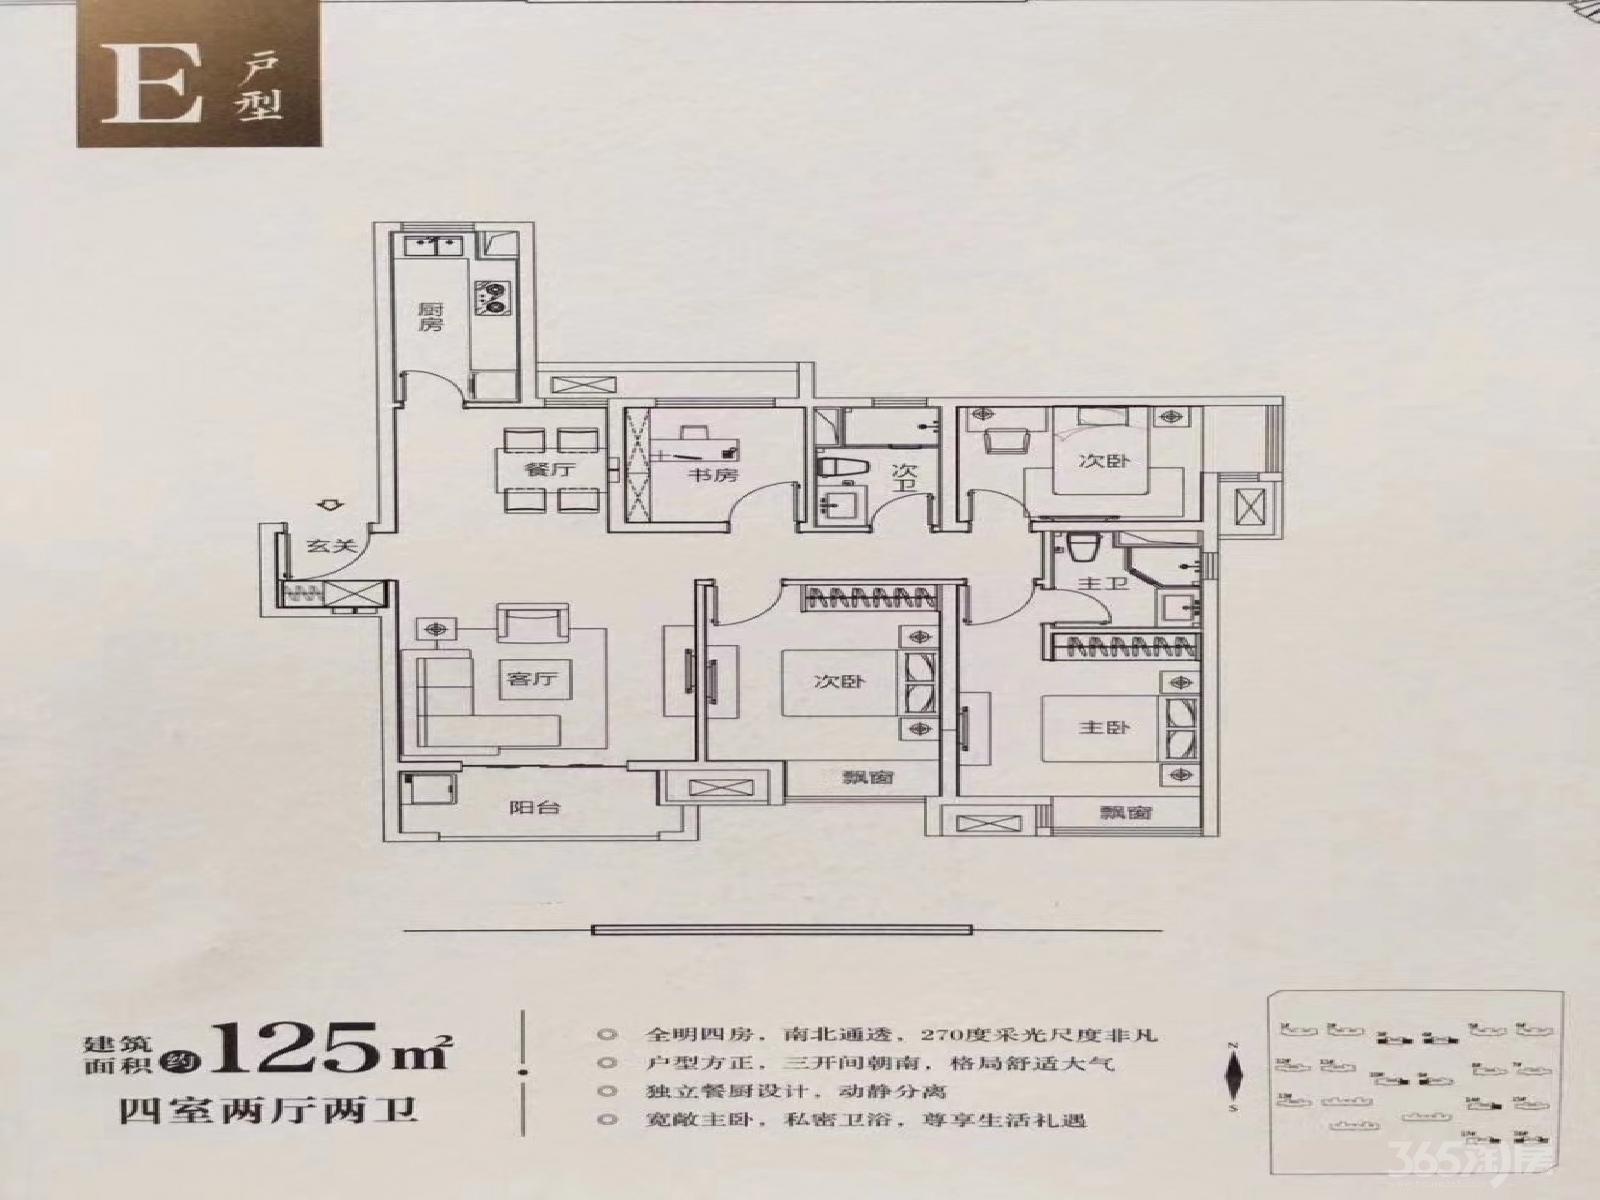 富力乌衣水镇3室2厅1卫125平米2016年产权房精装